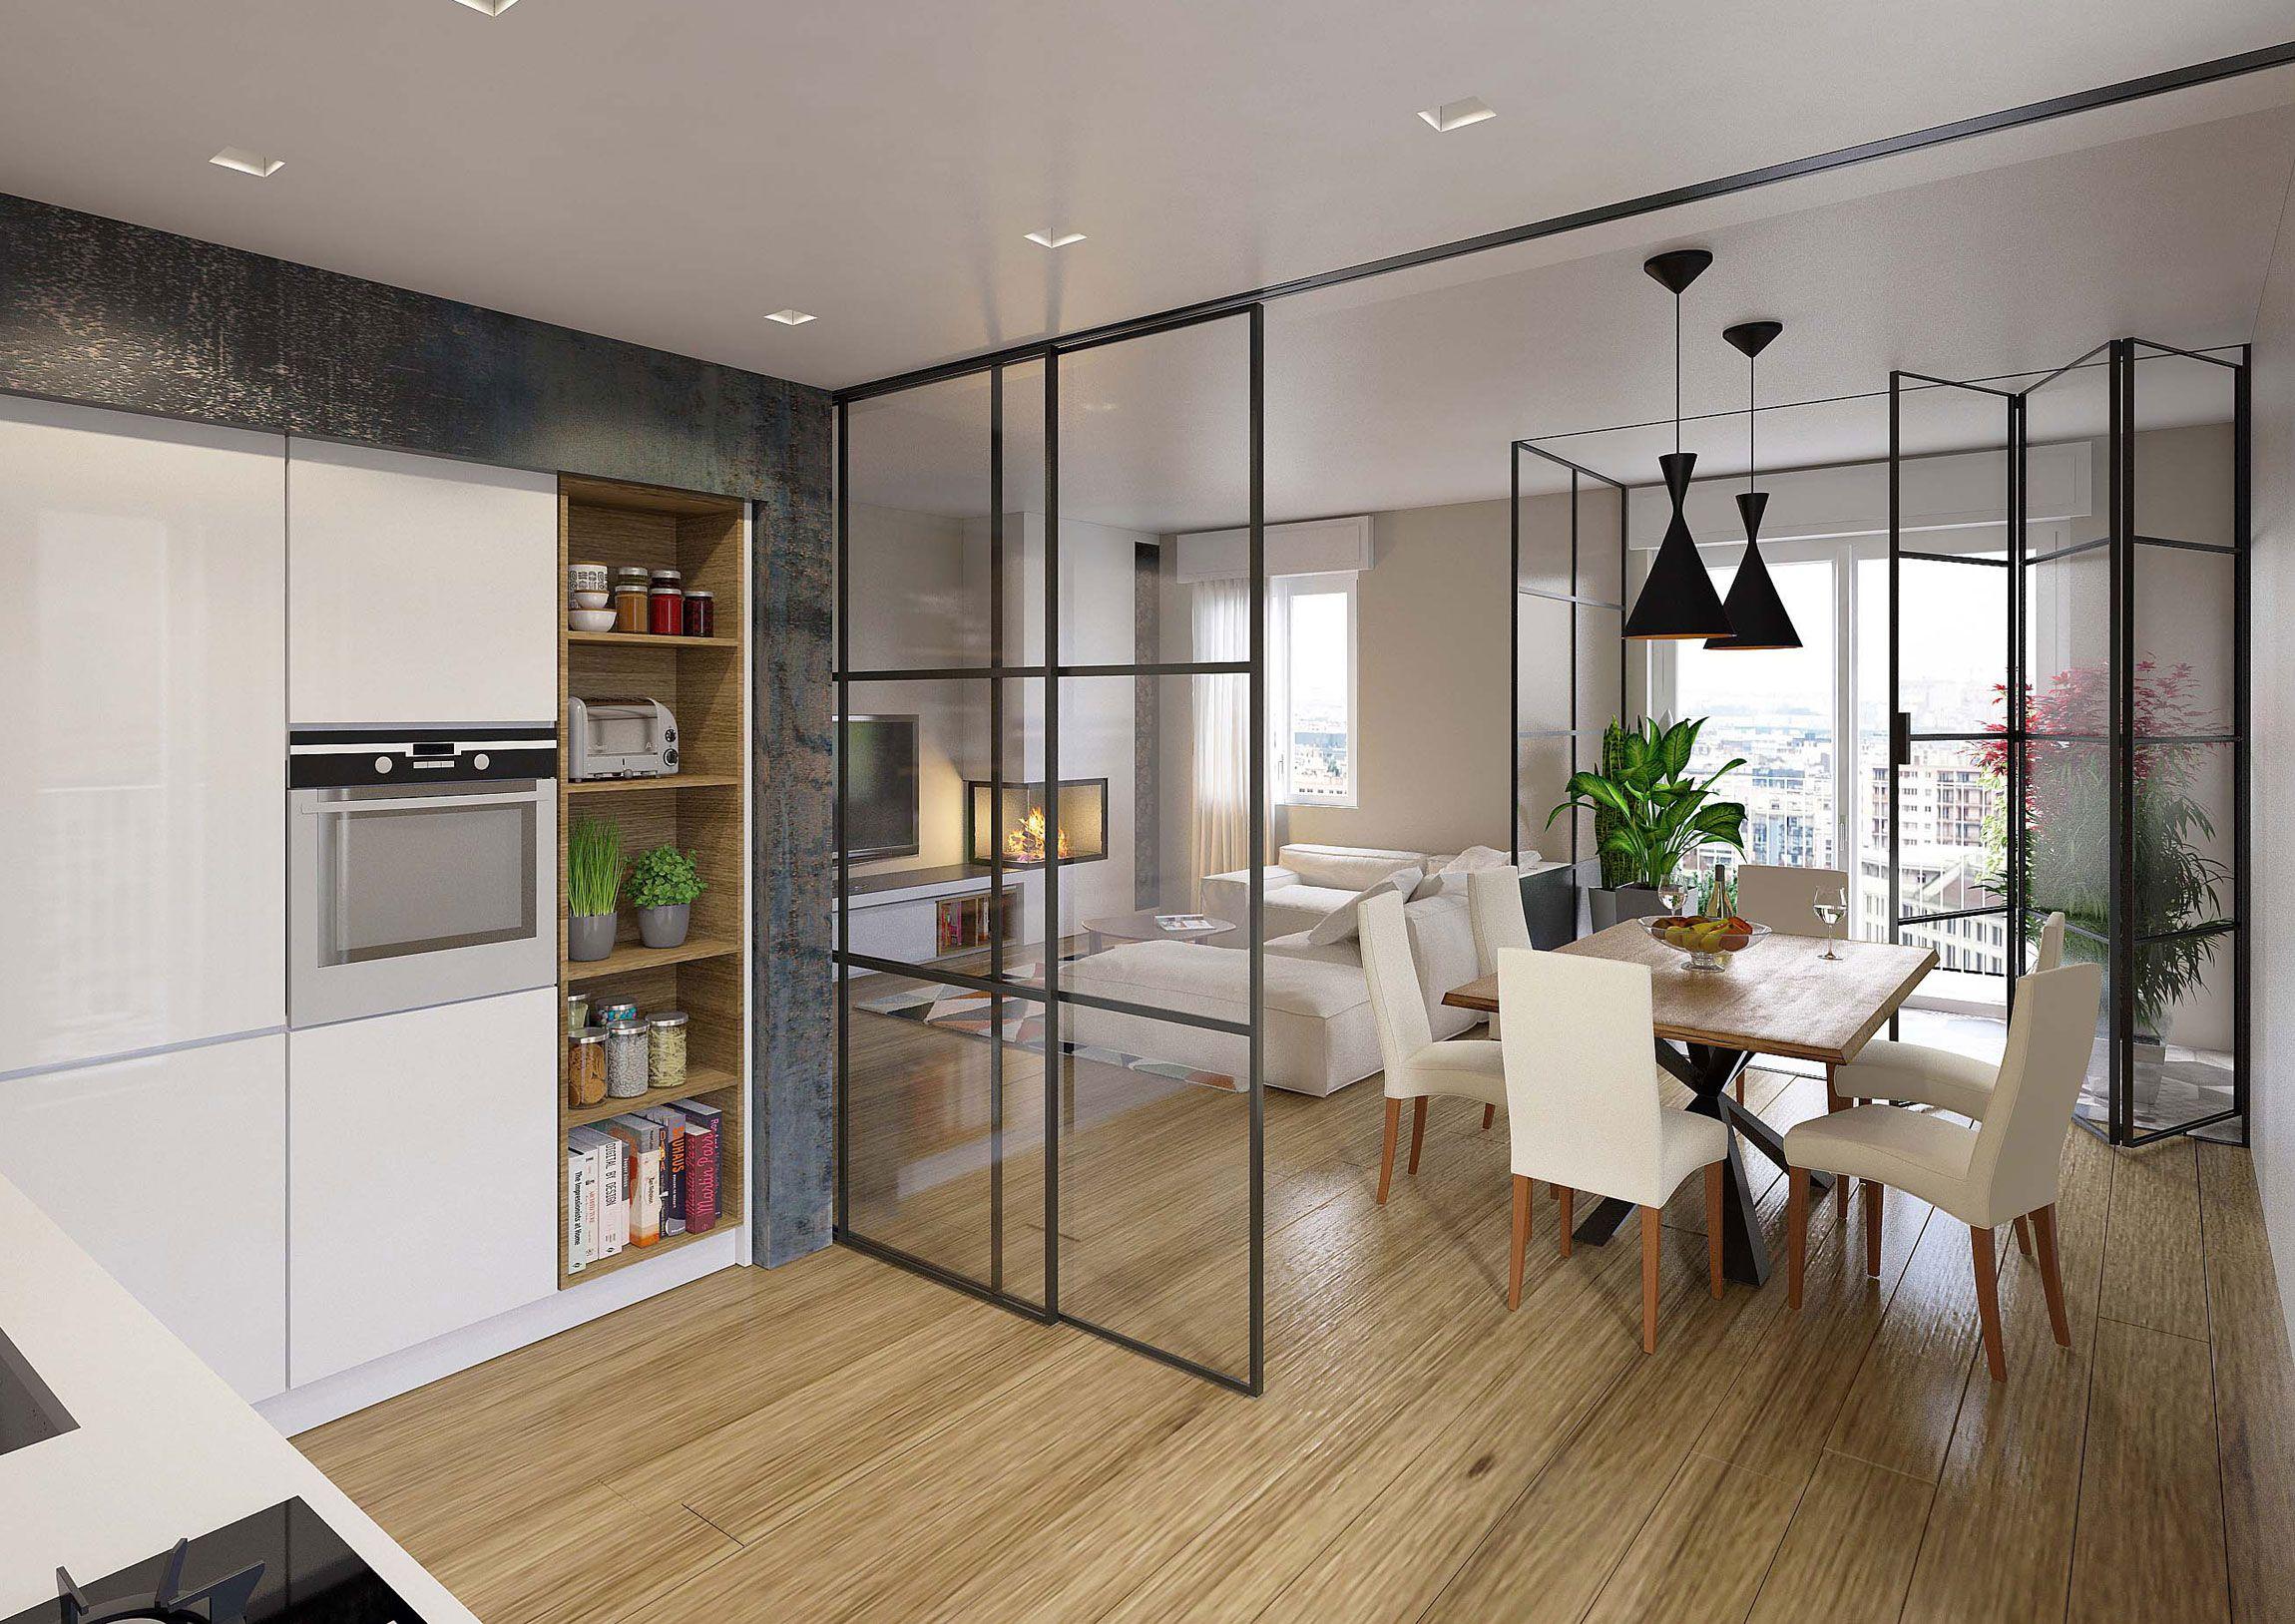 Progetto di arkedile e realizzato da ferro for Idee cucina living